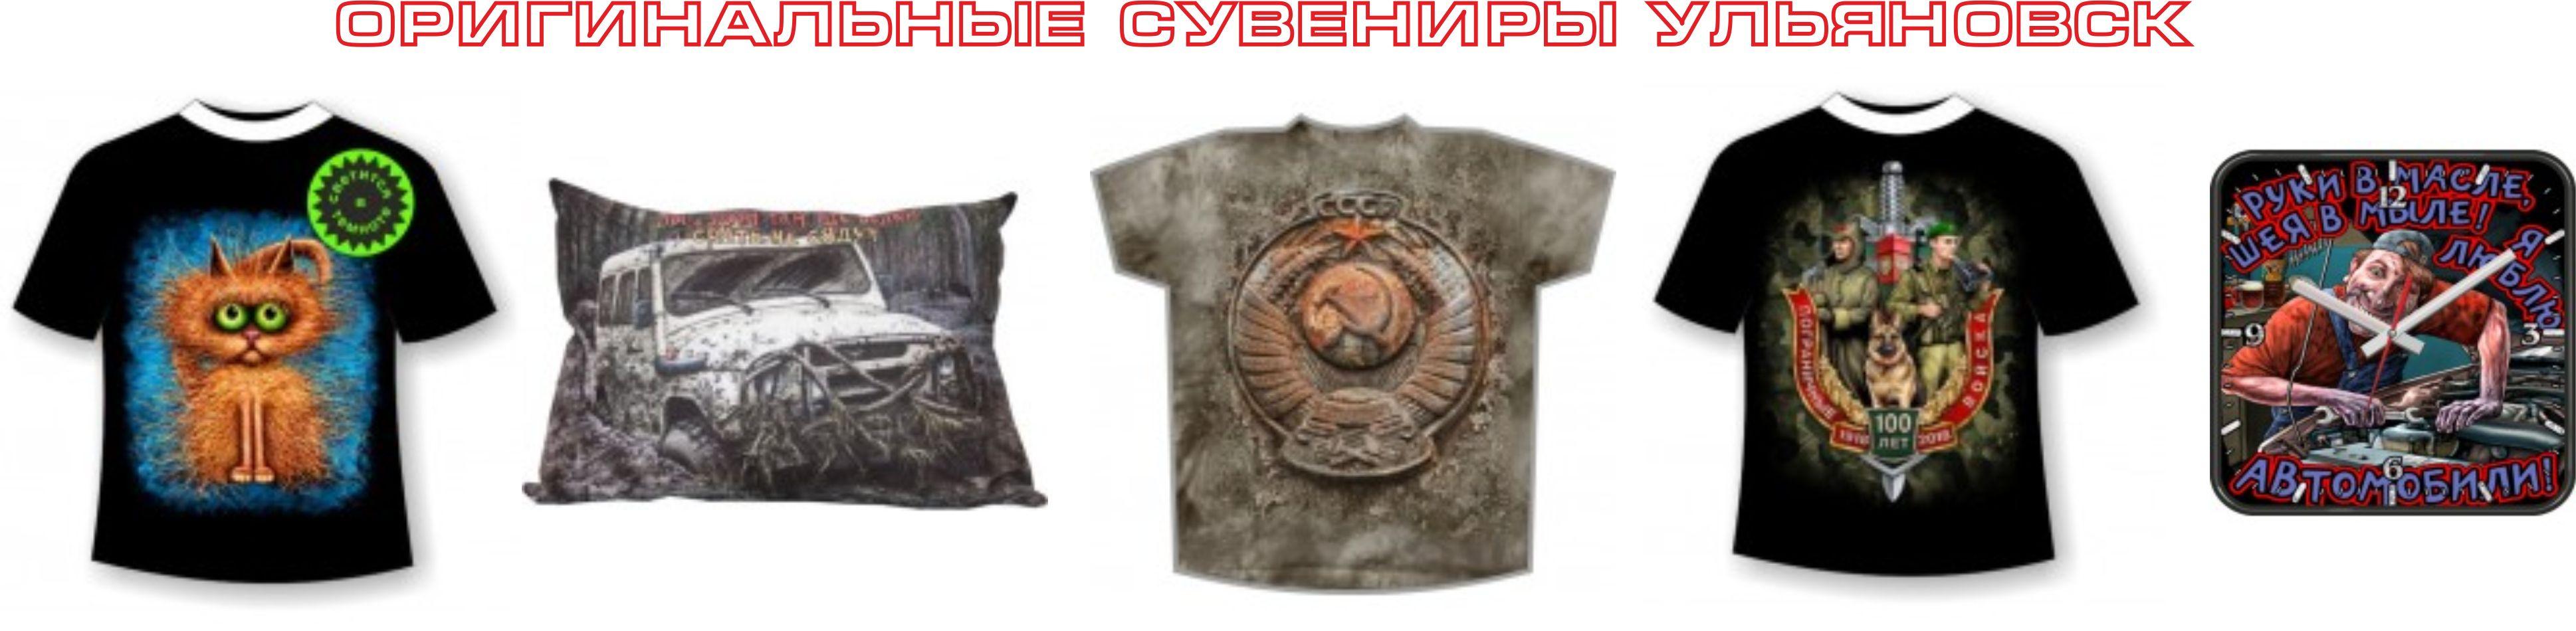 оригинальные и прикольные сувениры ульяновск